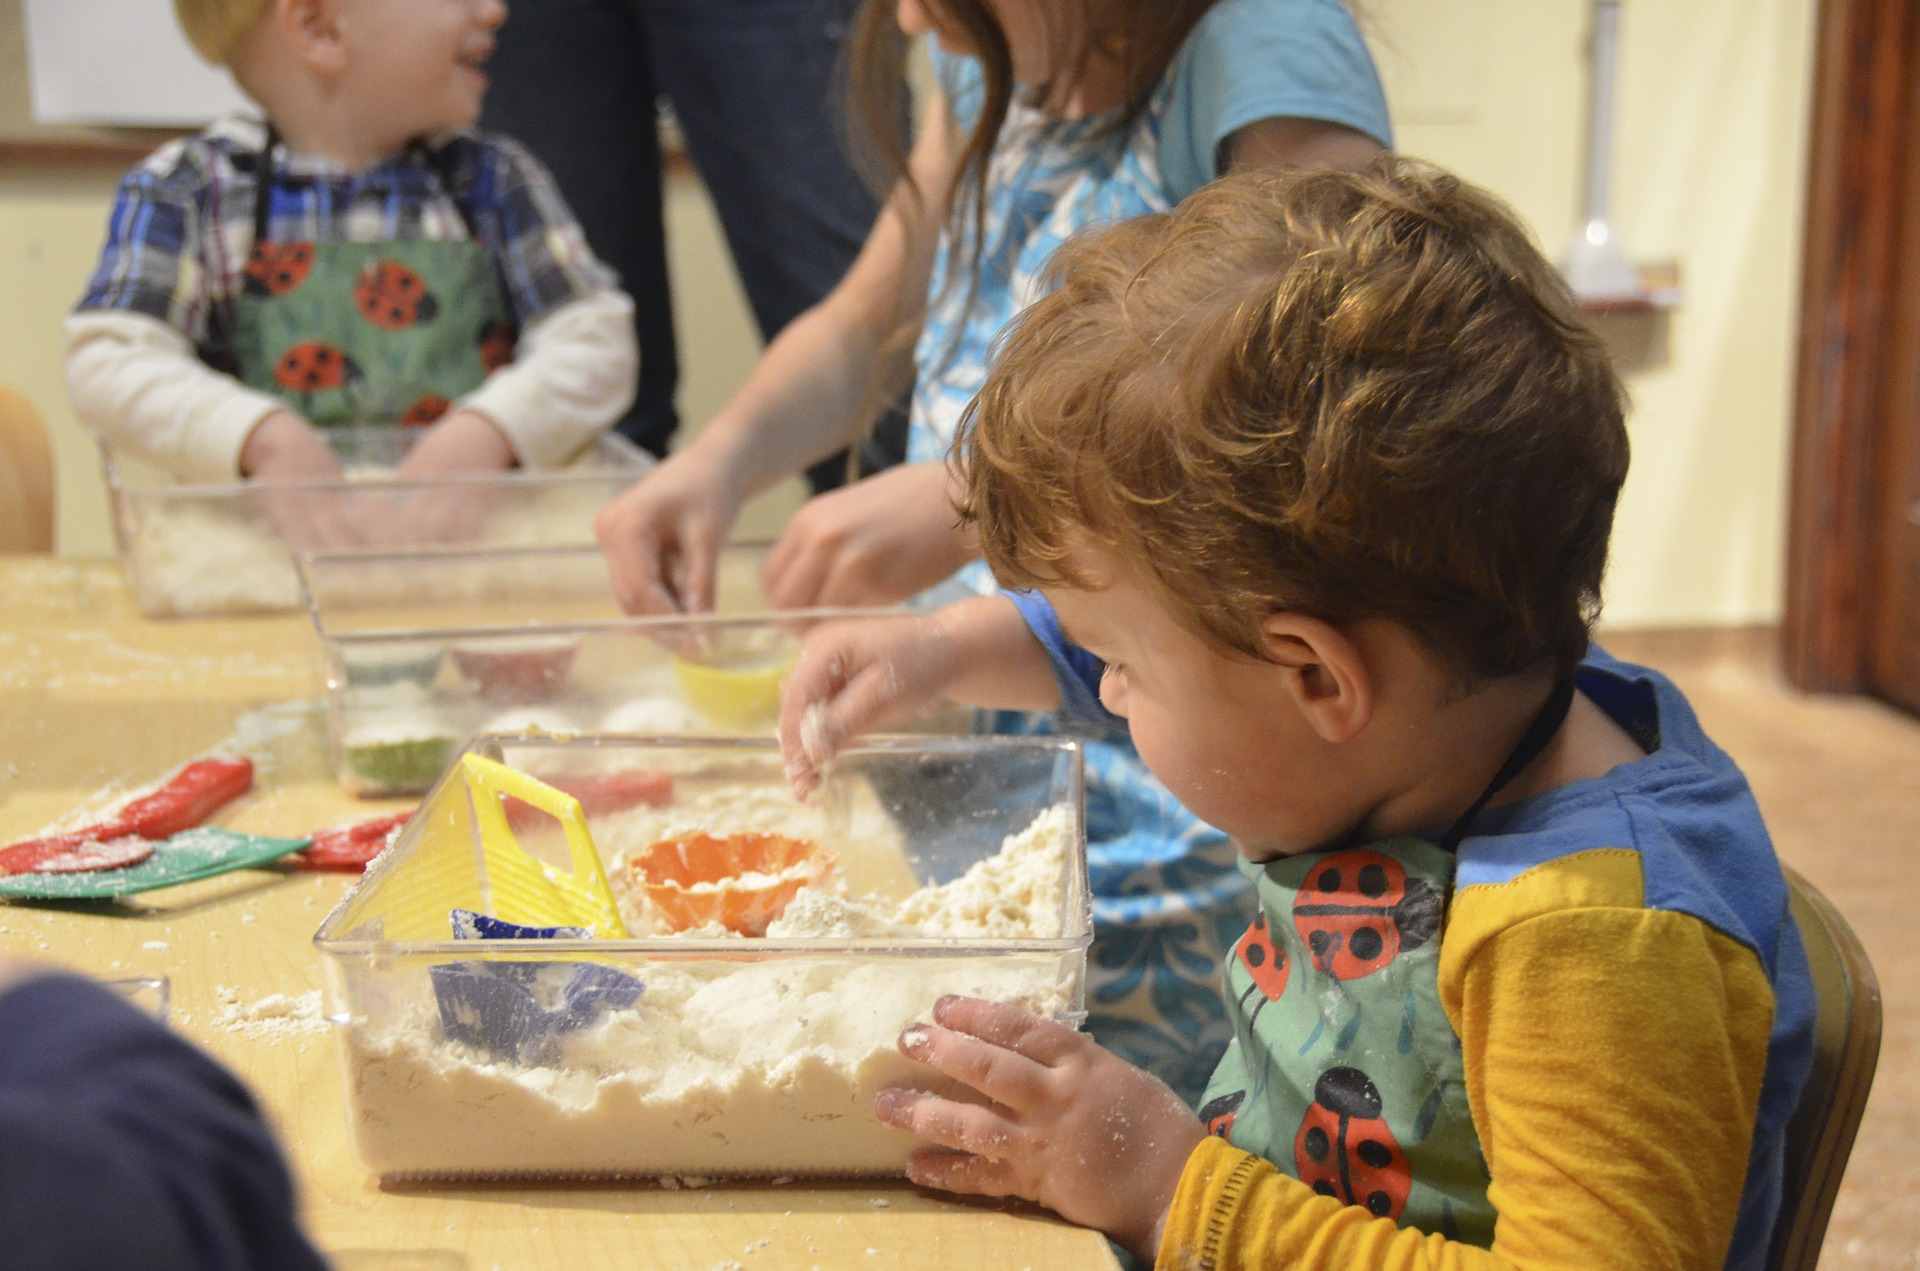 Οικογενειακές εξερευνήσεις για γονείς με παιδιά από 6 έως και 12 μηνών!